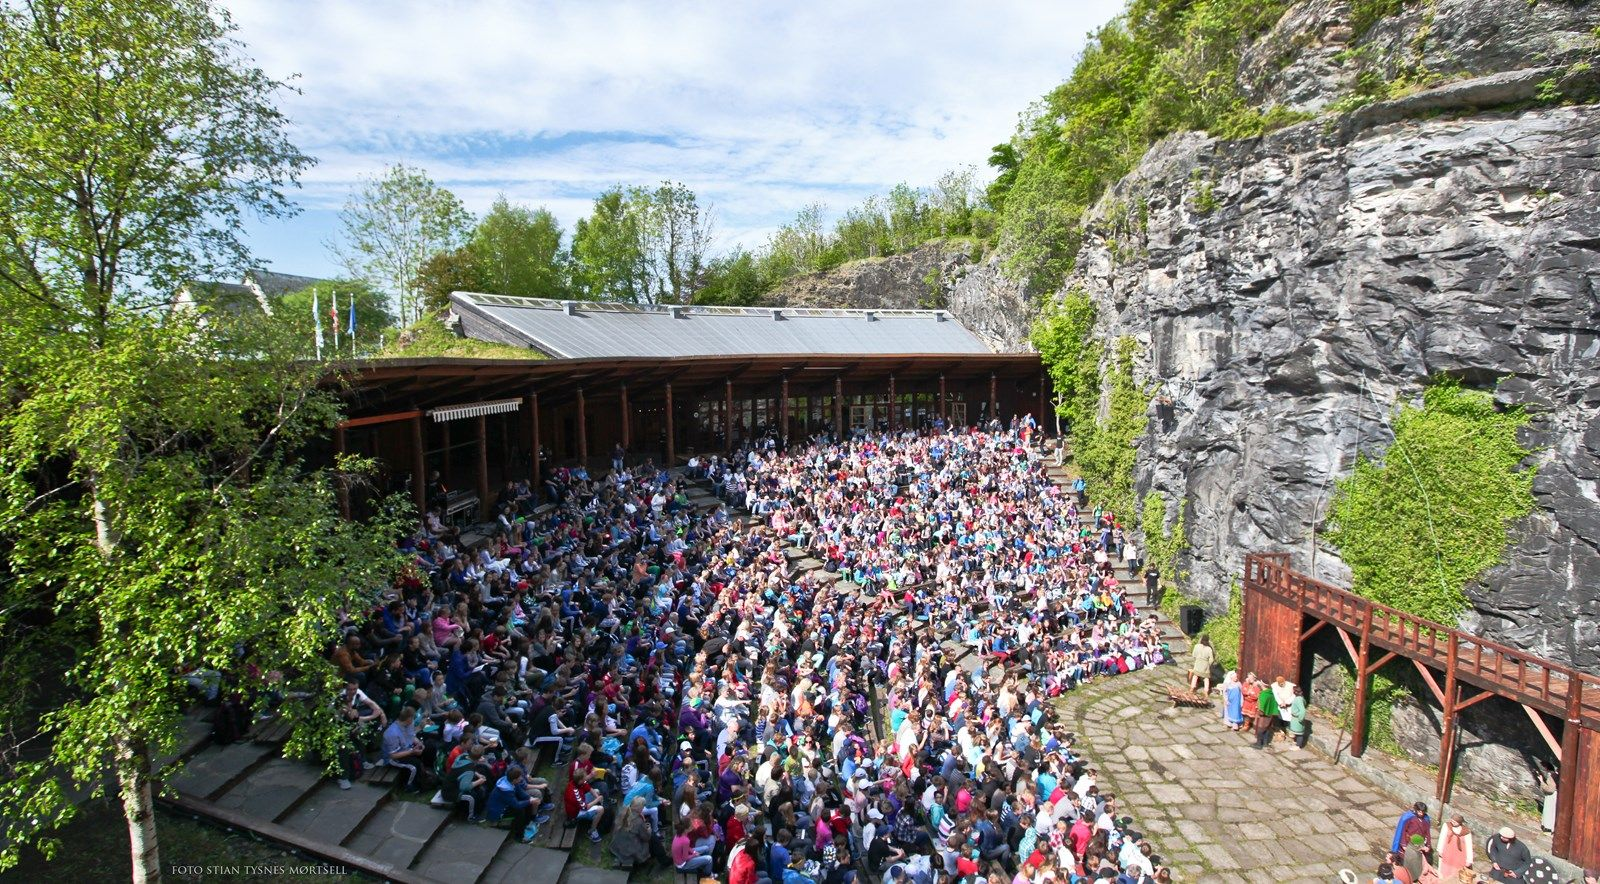 Mostraspelet har siden 1984 vært den folkelige tittelen på Hegglands stykke «Kristkongane på Moster».